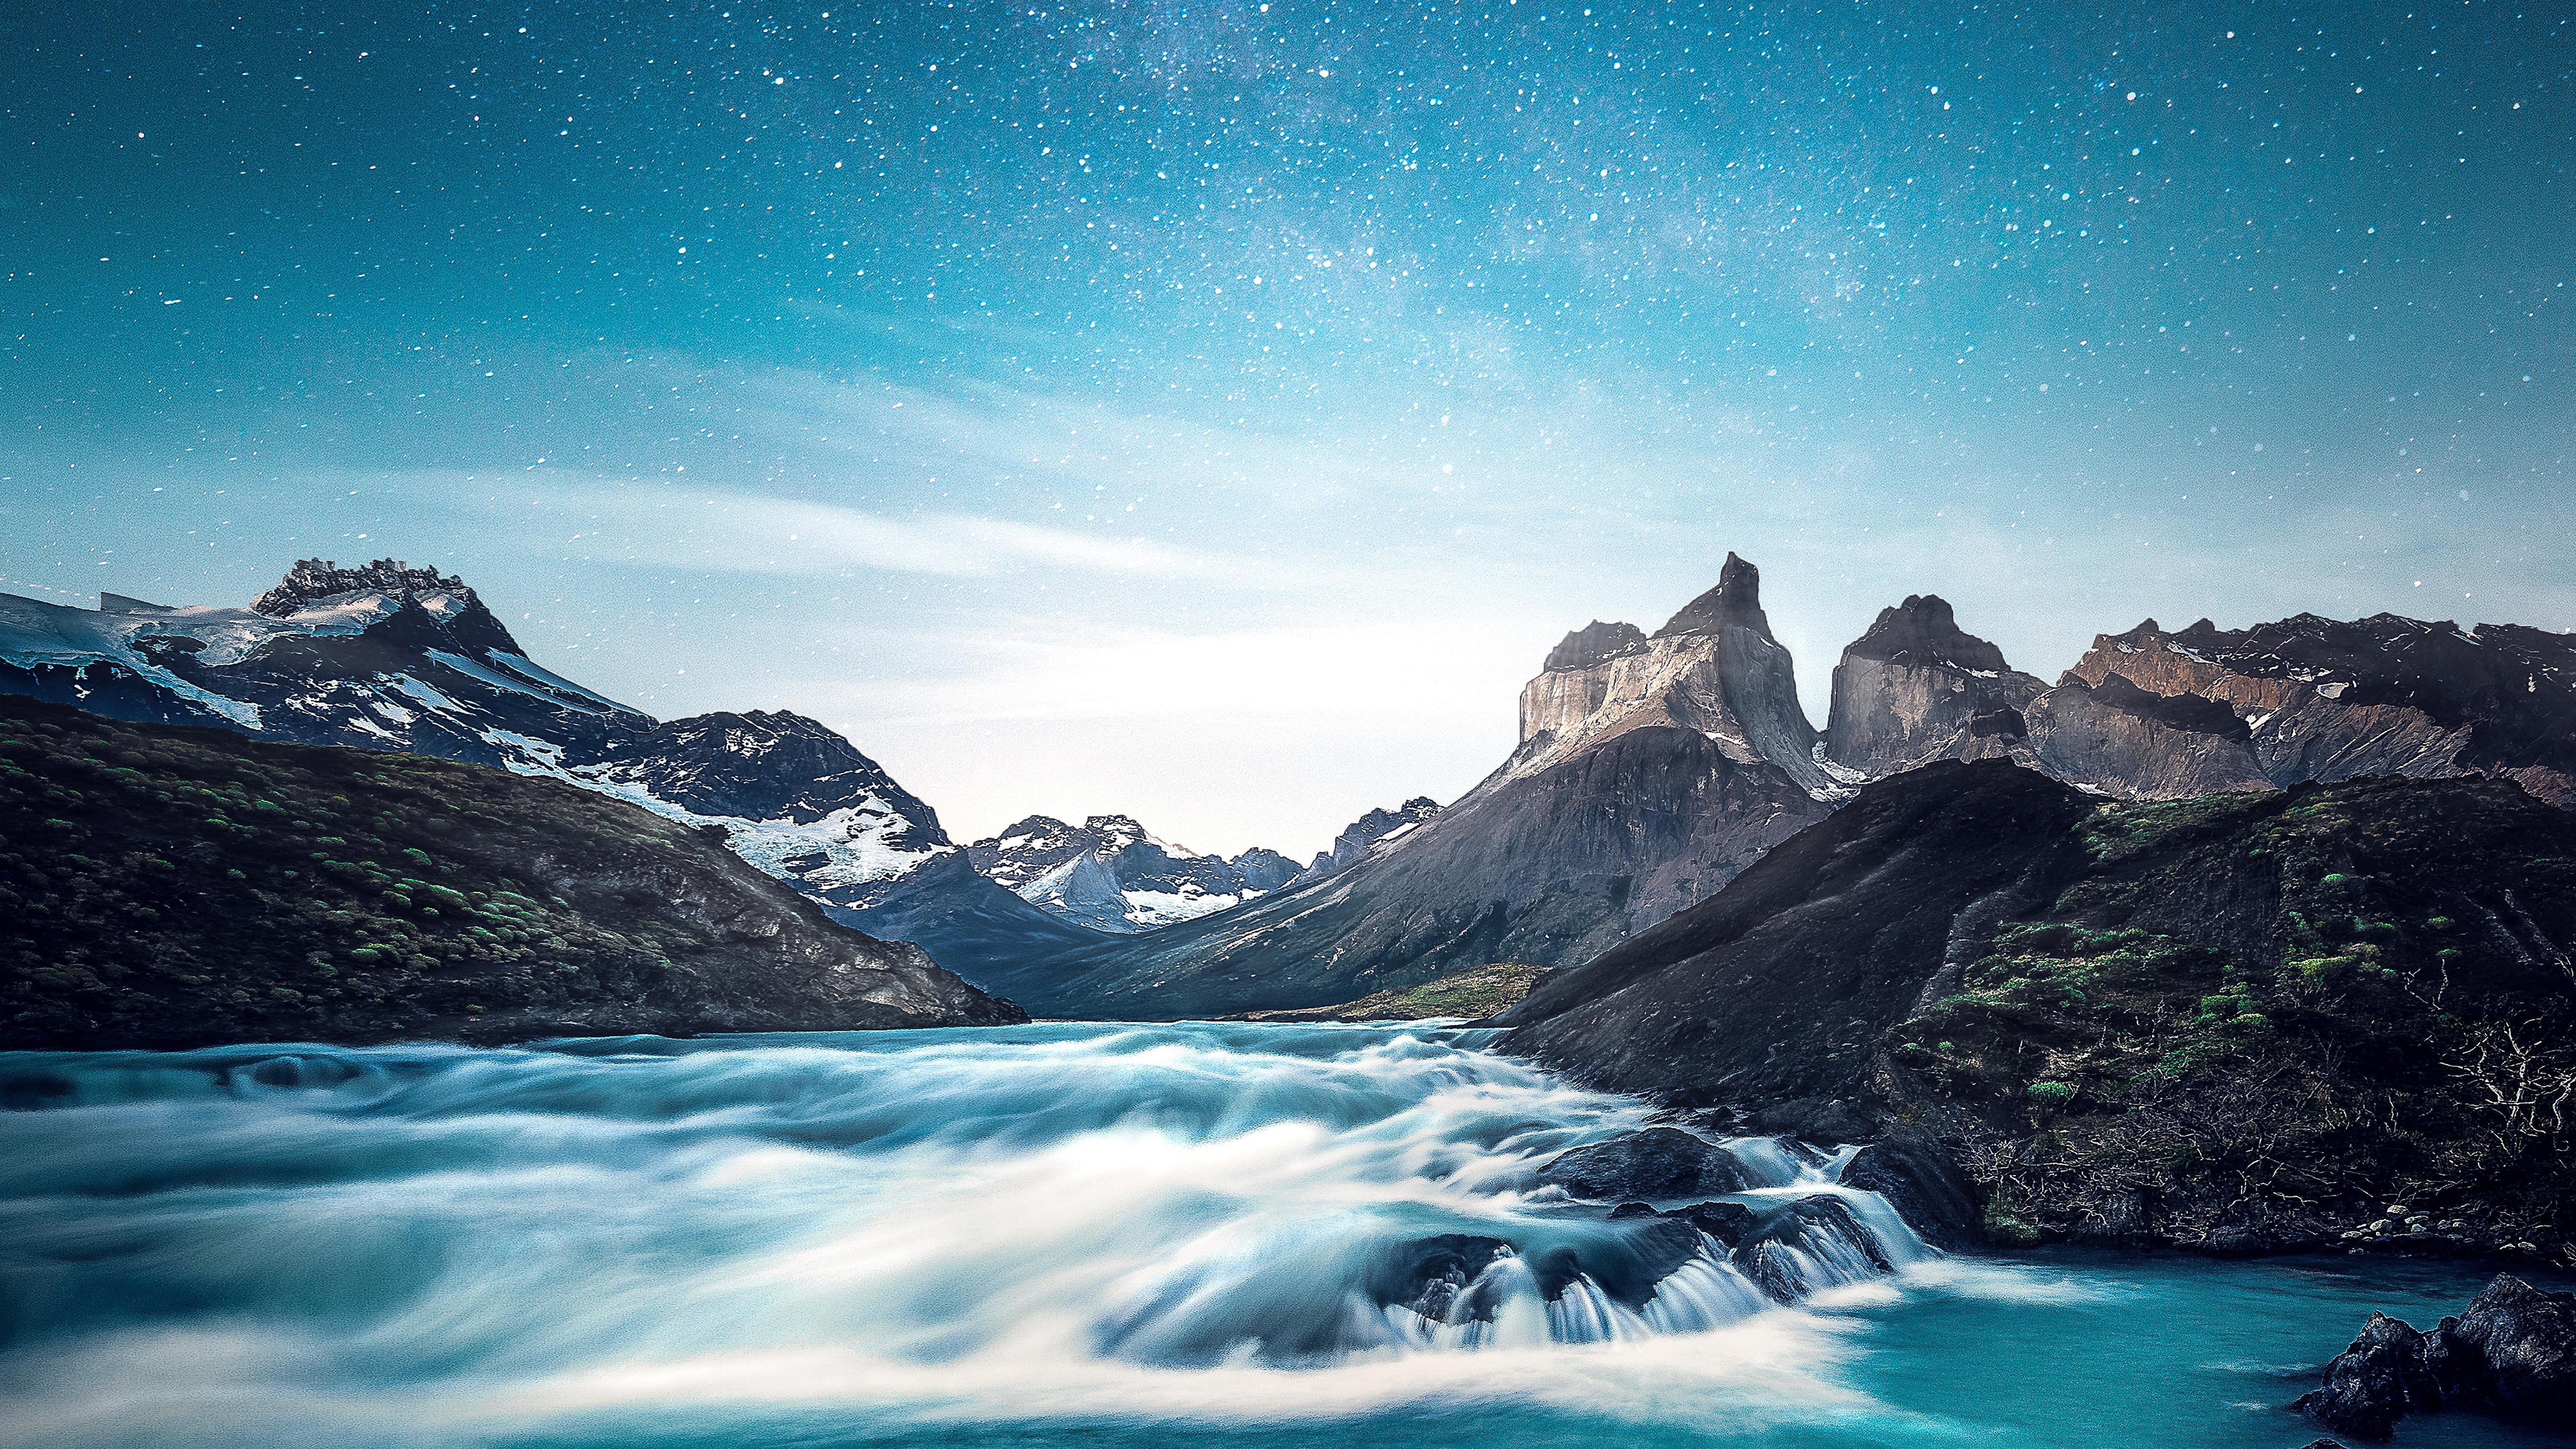 Fondos de pantalla Montañas con rió y estrellas